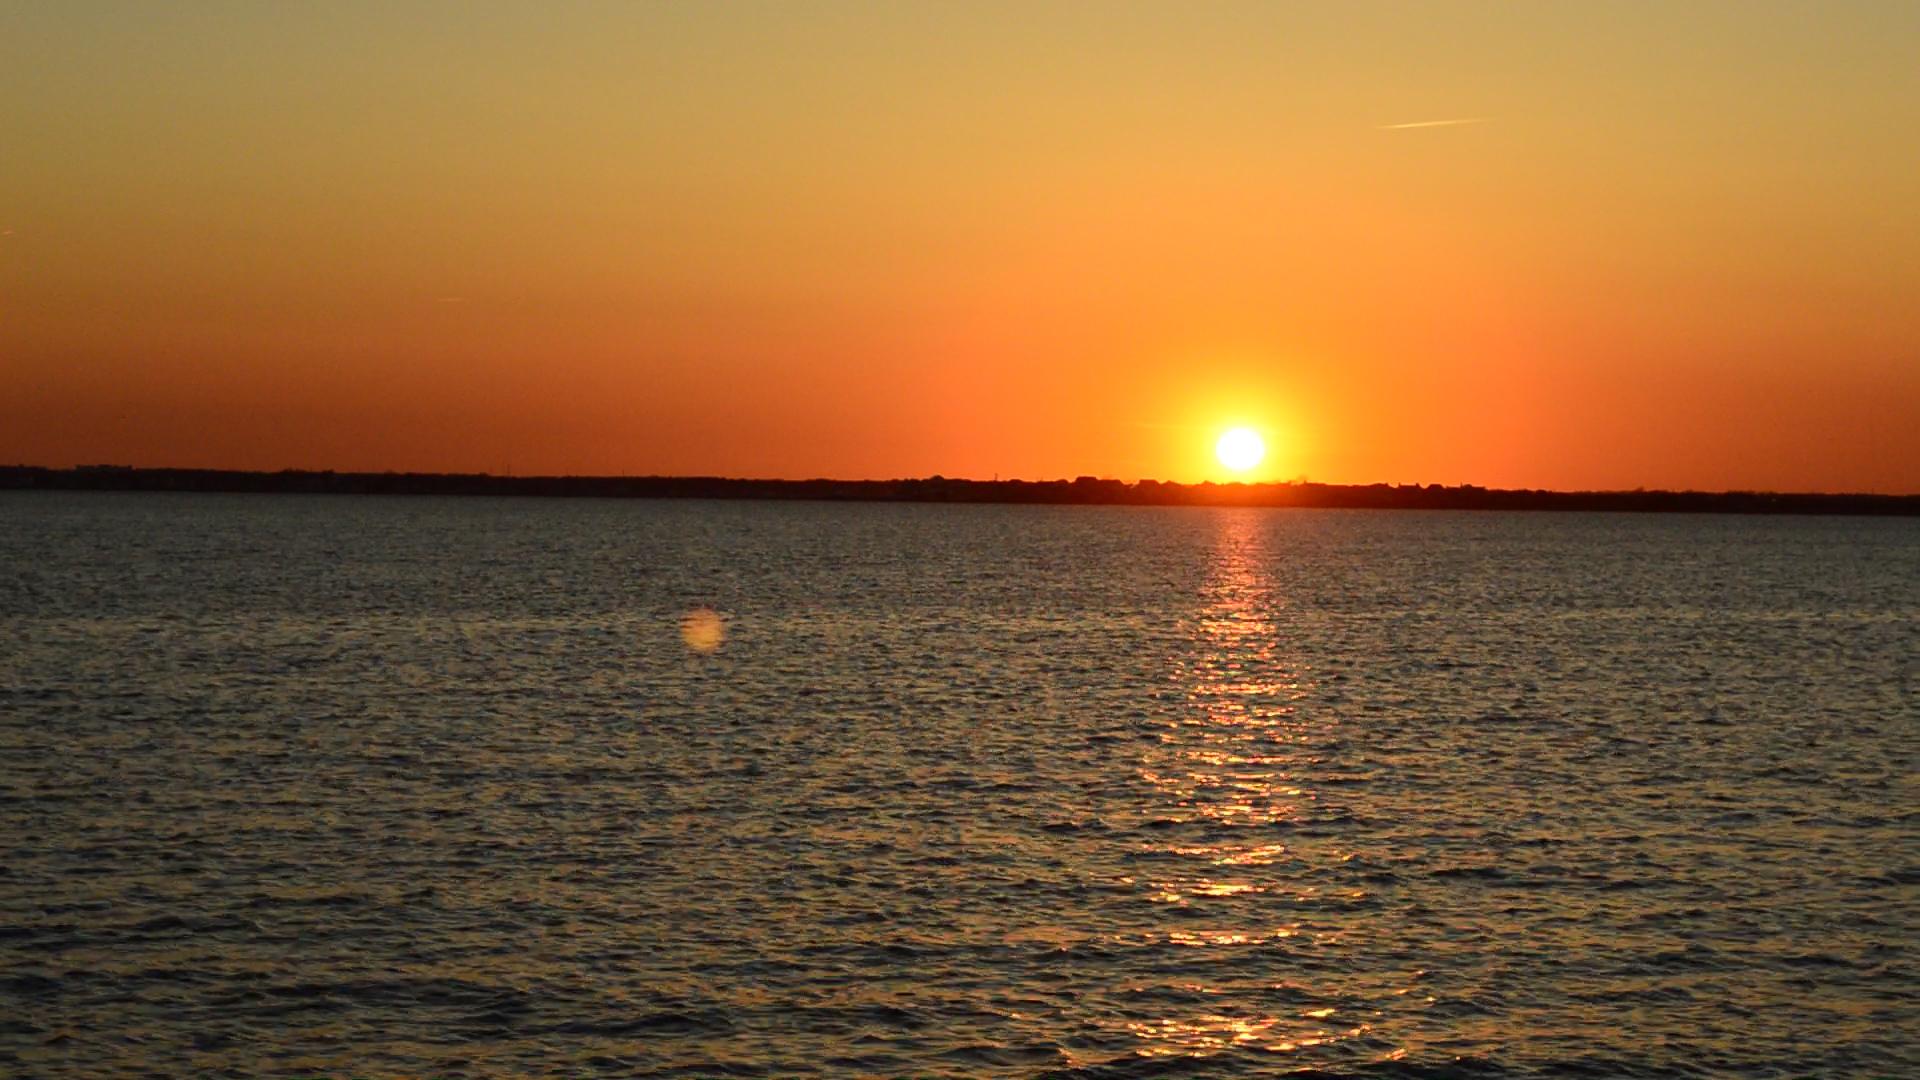 Sunset on Barnegat Bay. (Photo: Daniel Nee)